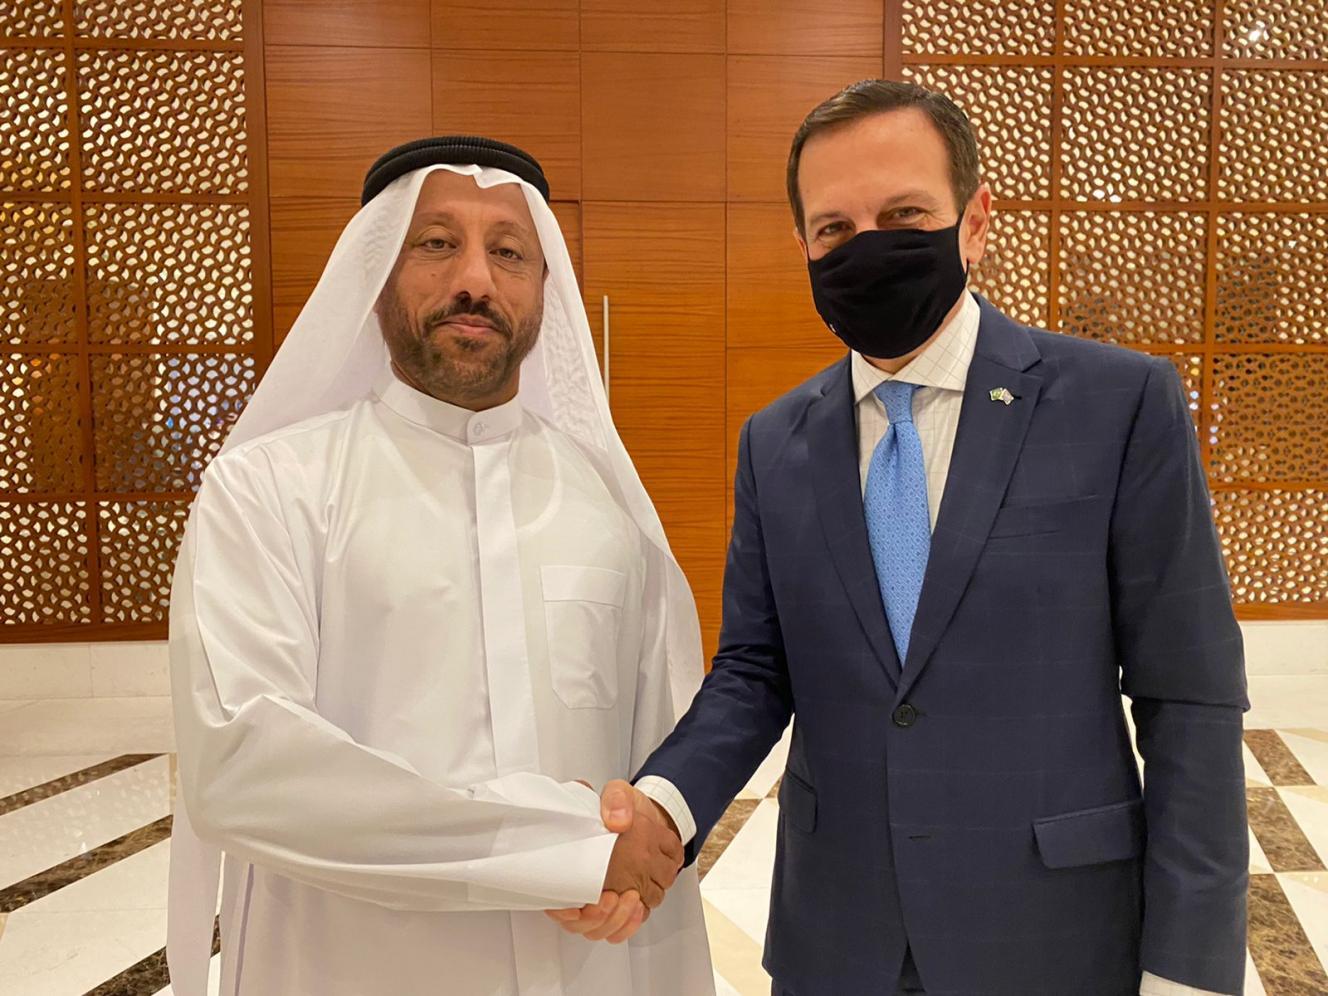 Doria anuncia acordo com a Câmara de Comércio e Indústria de Sharjah, nos Emirados Árabes